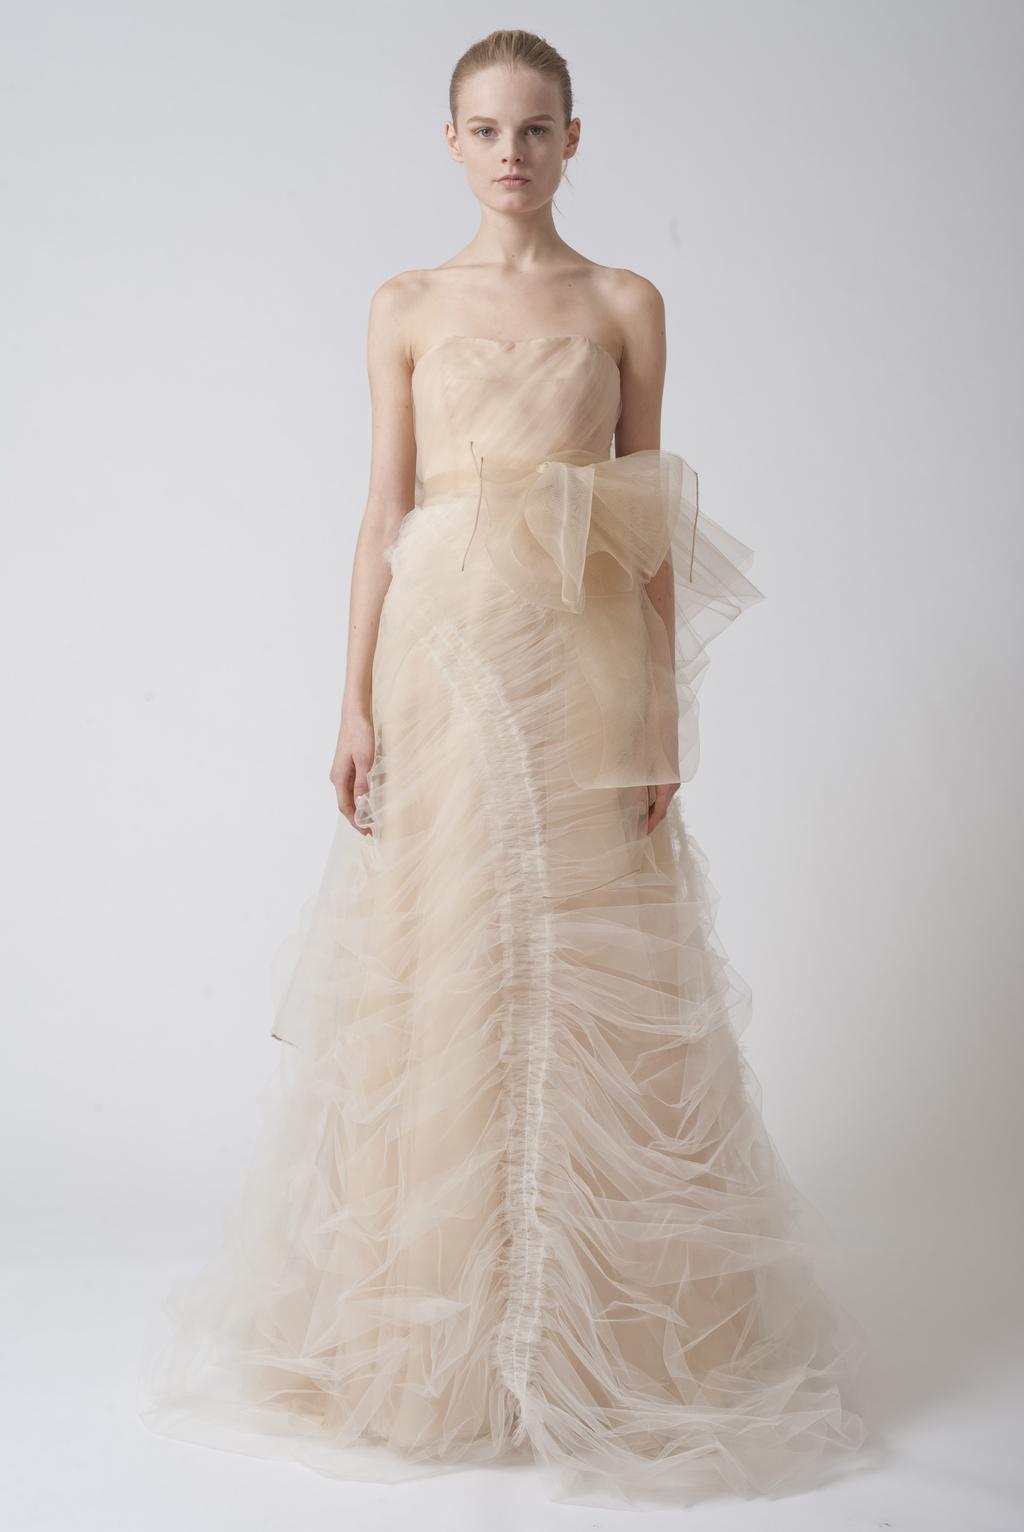 Vera-wang-wedding-dresses-fall-2010-9.full